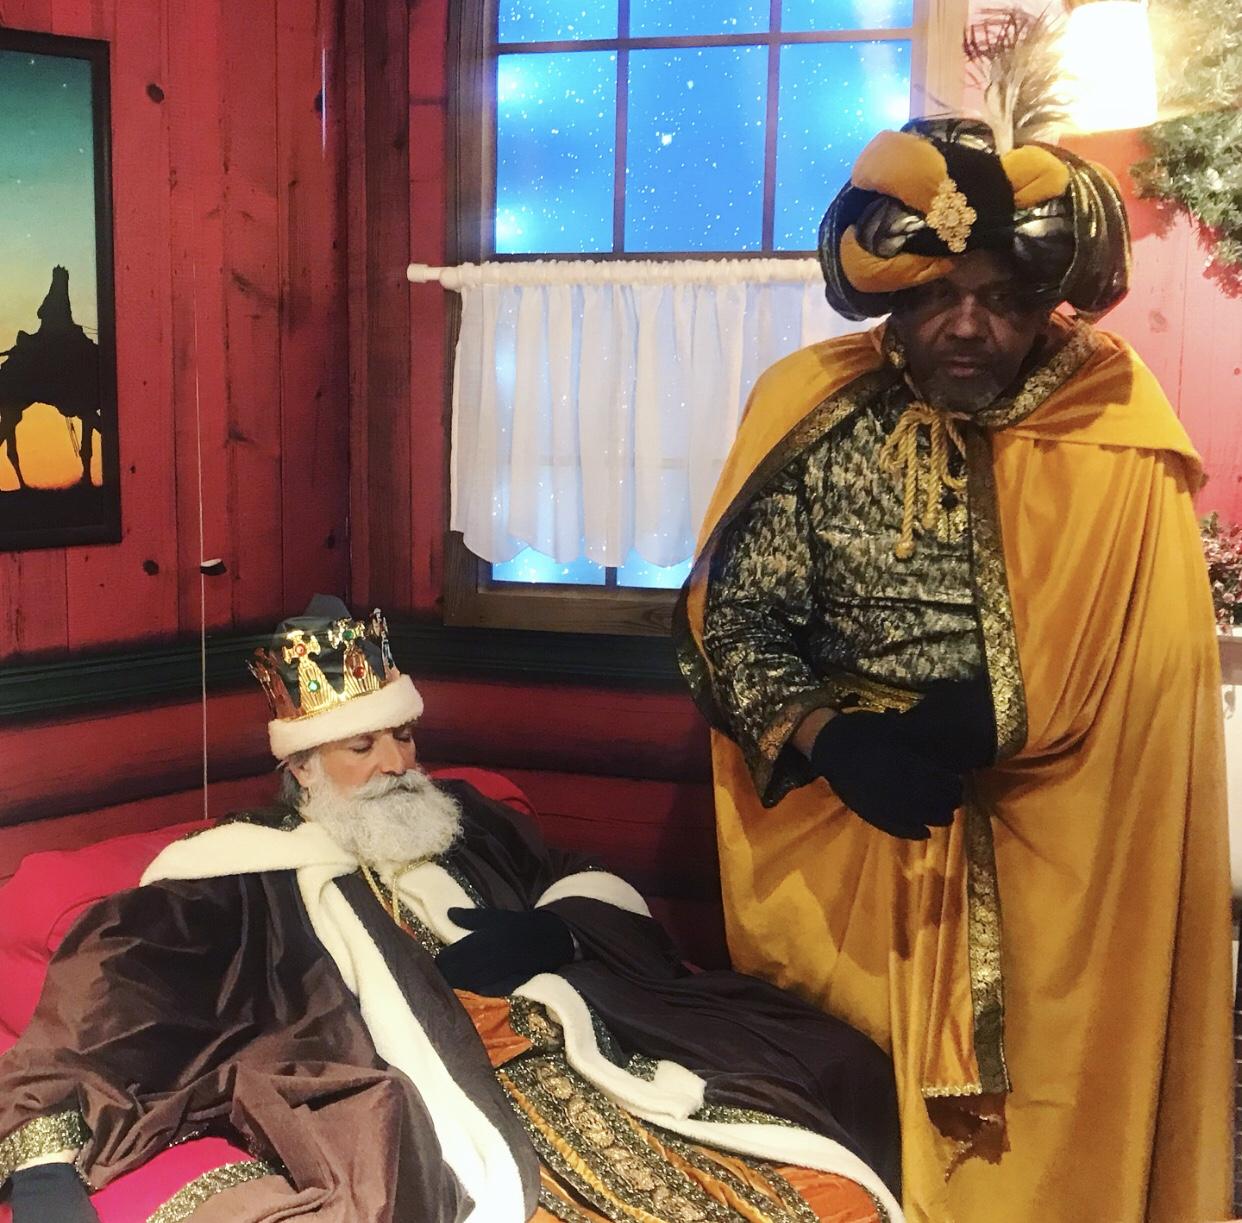 Cuento de Navidad para Contar la Historia de los Reyes Magos